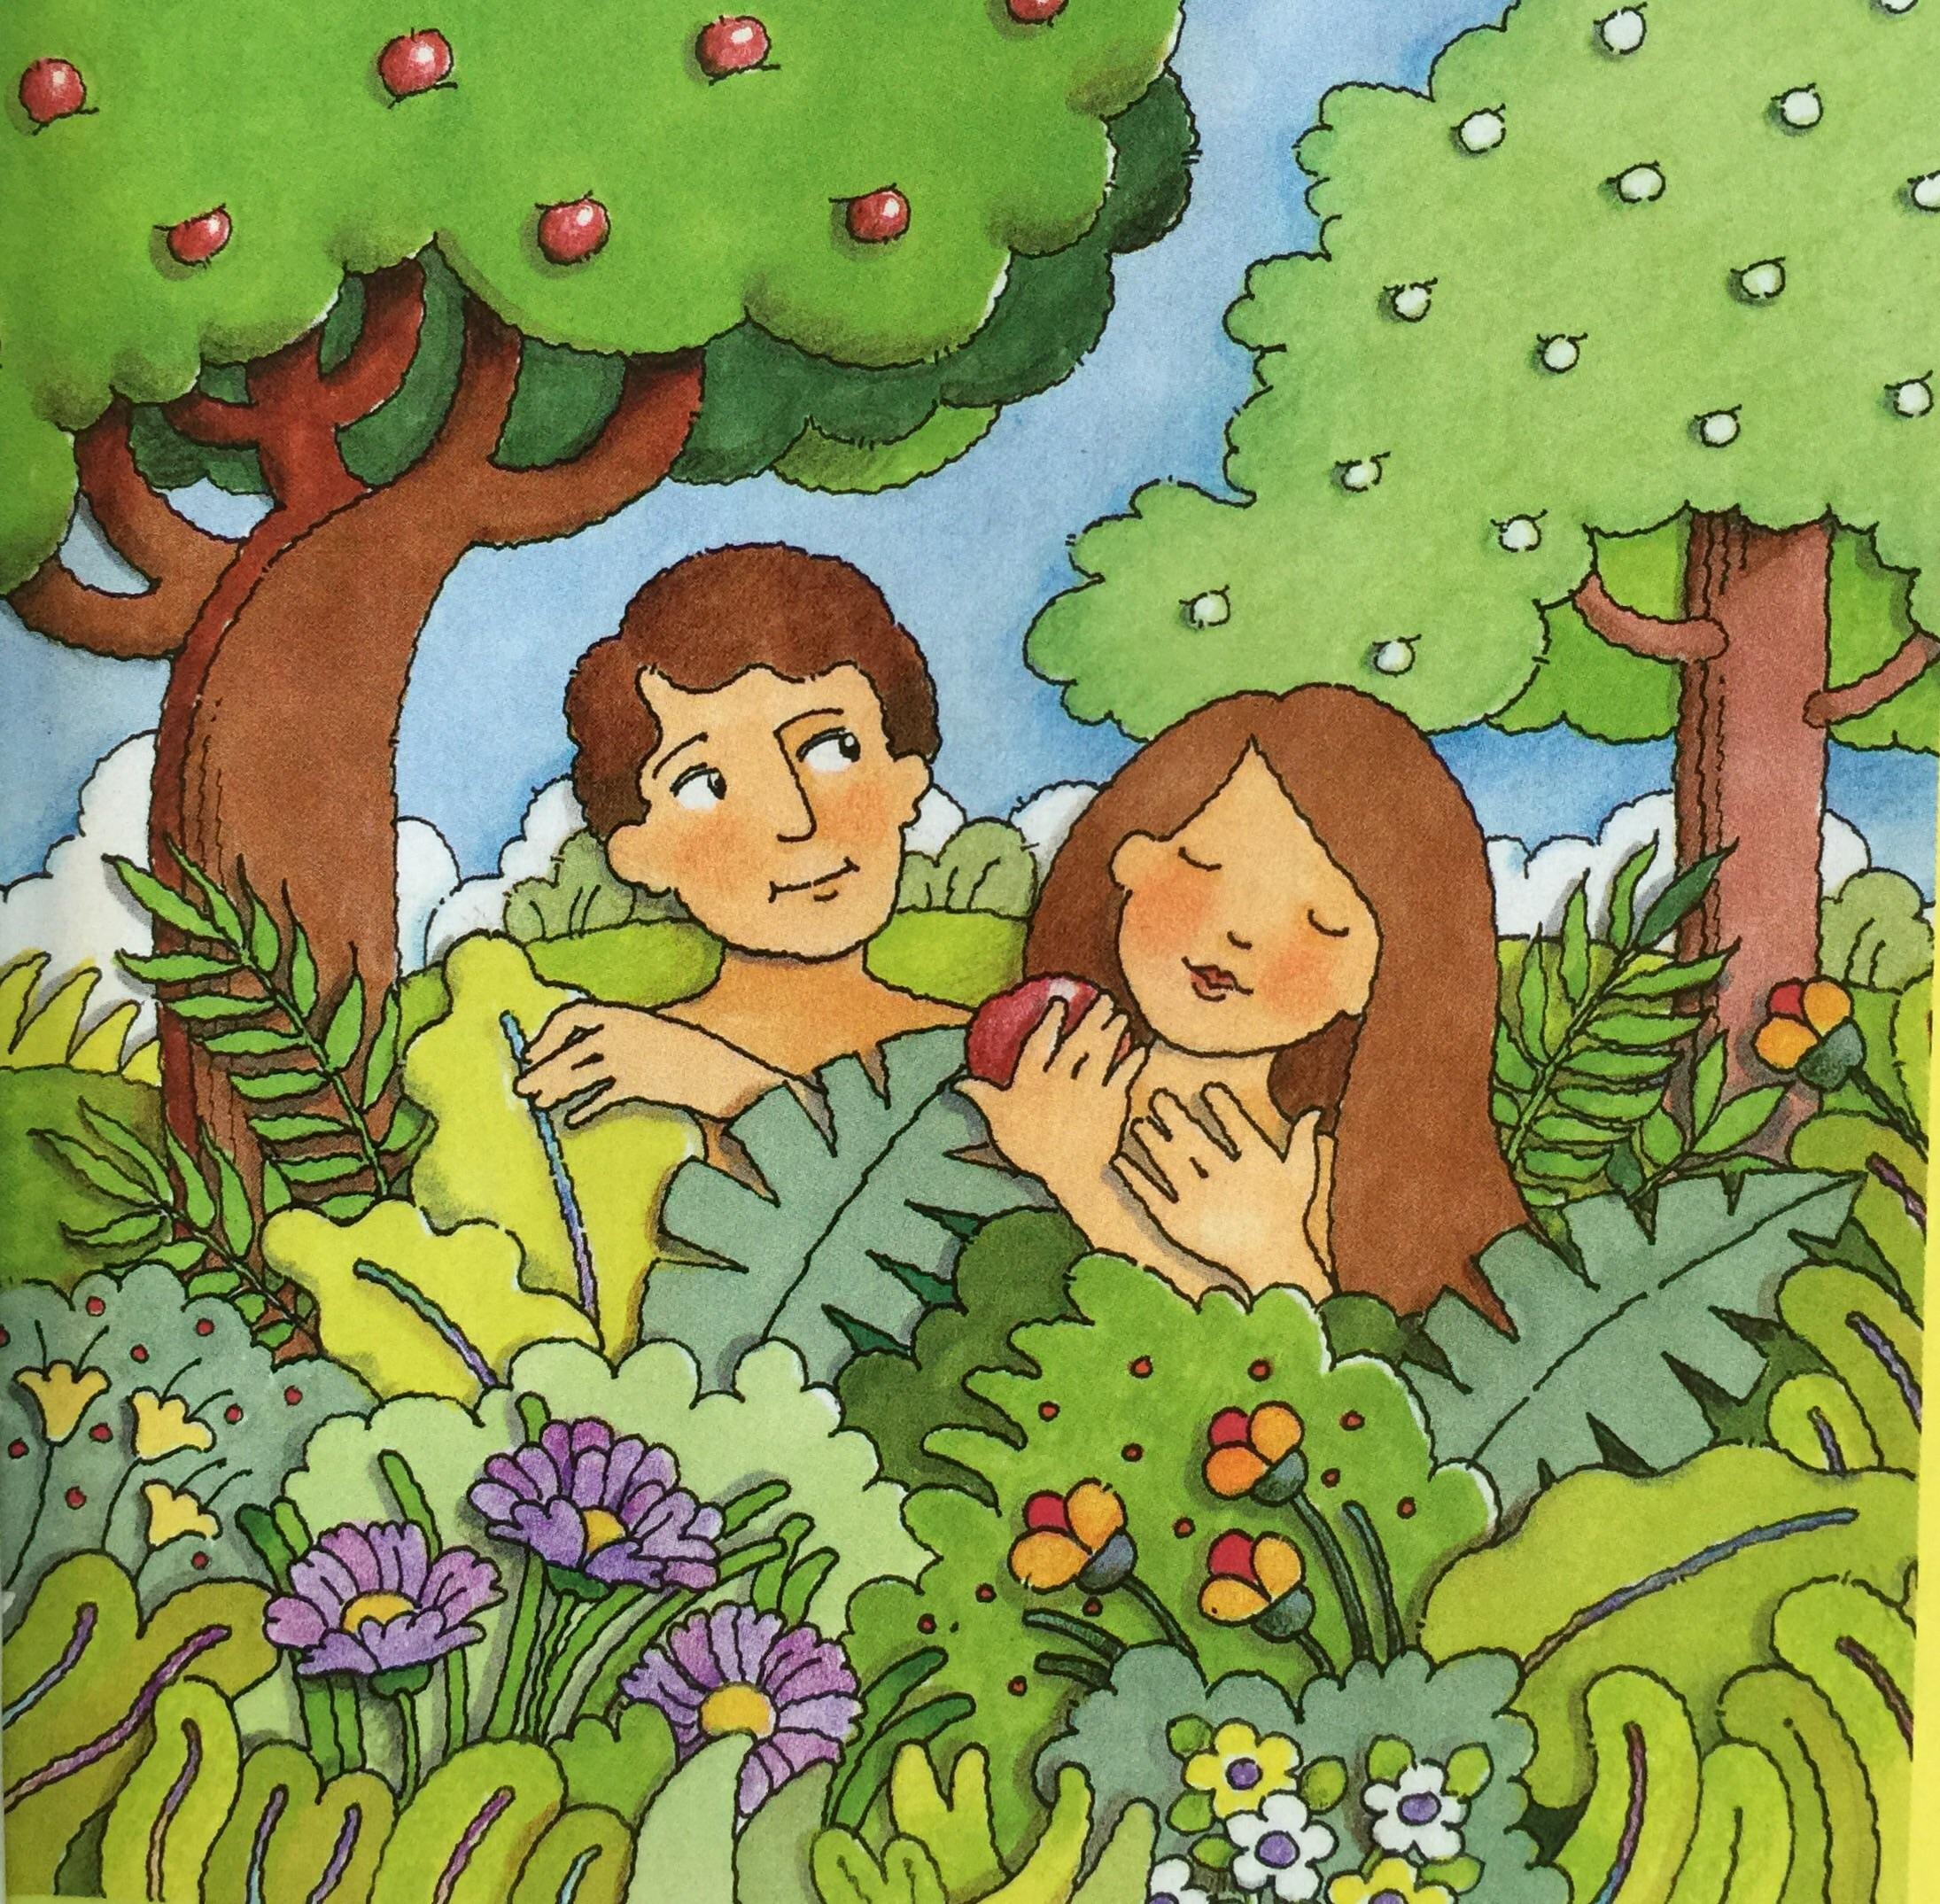 Eve in garden of eden clipart.